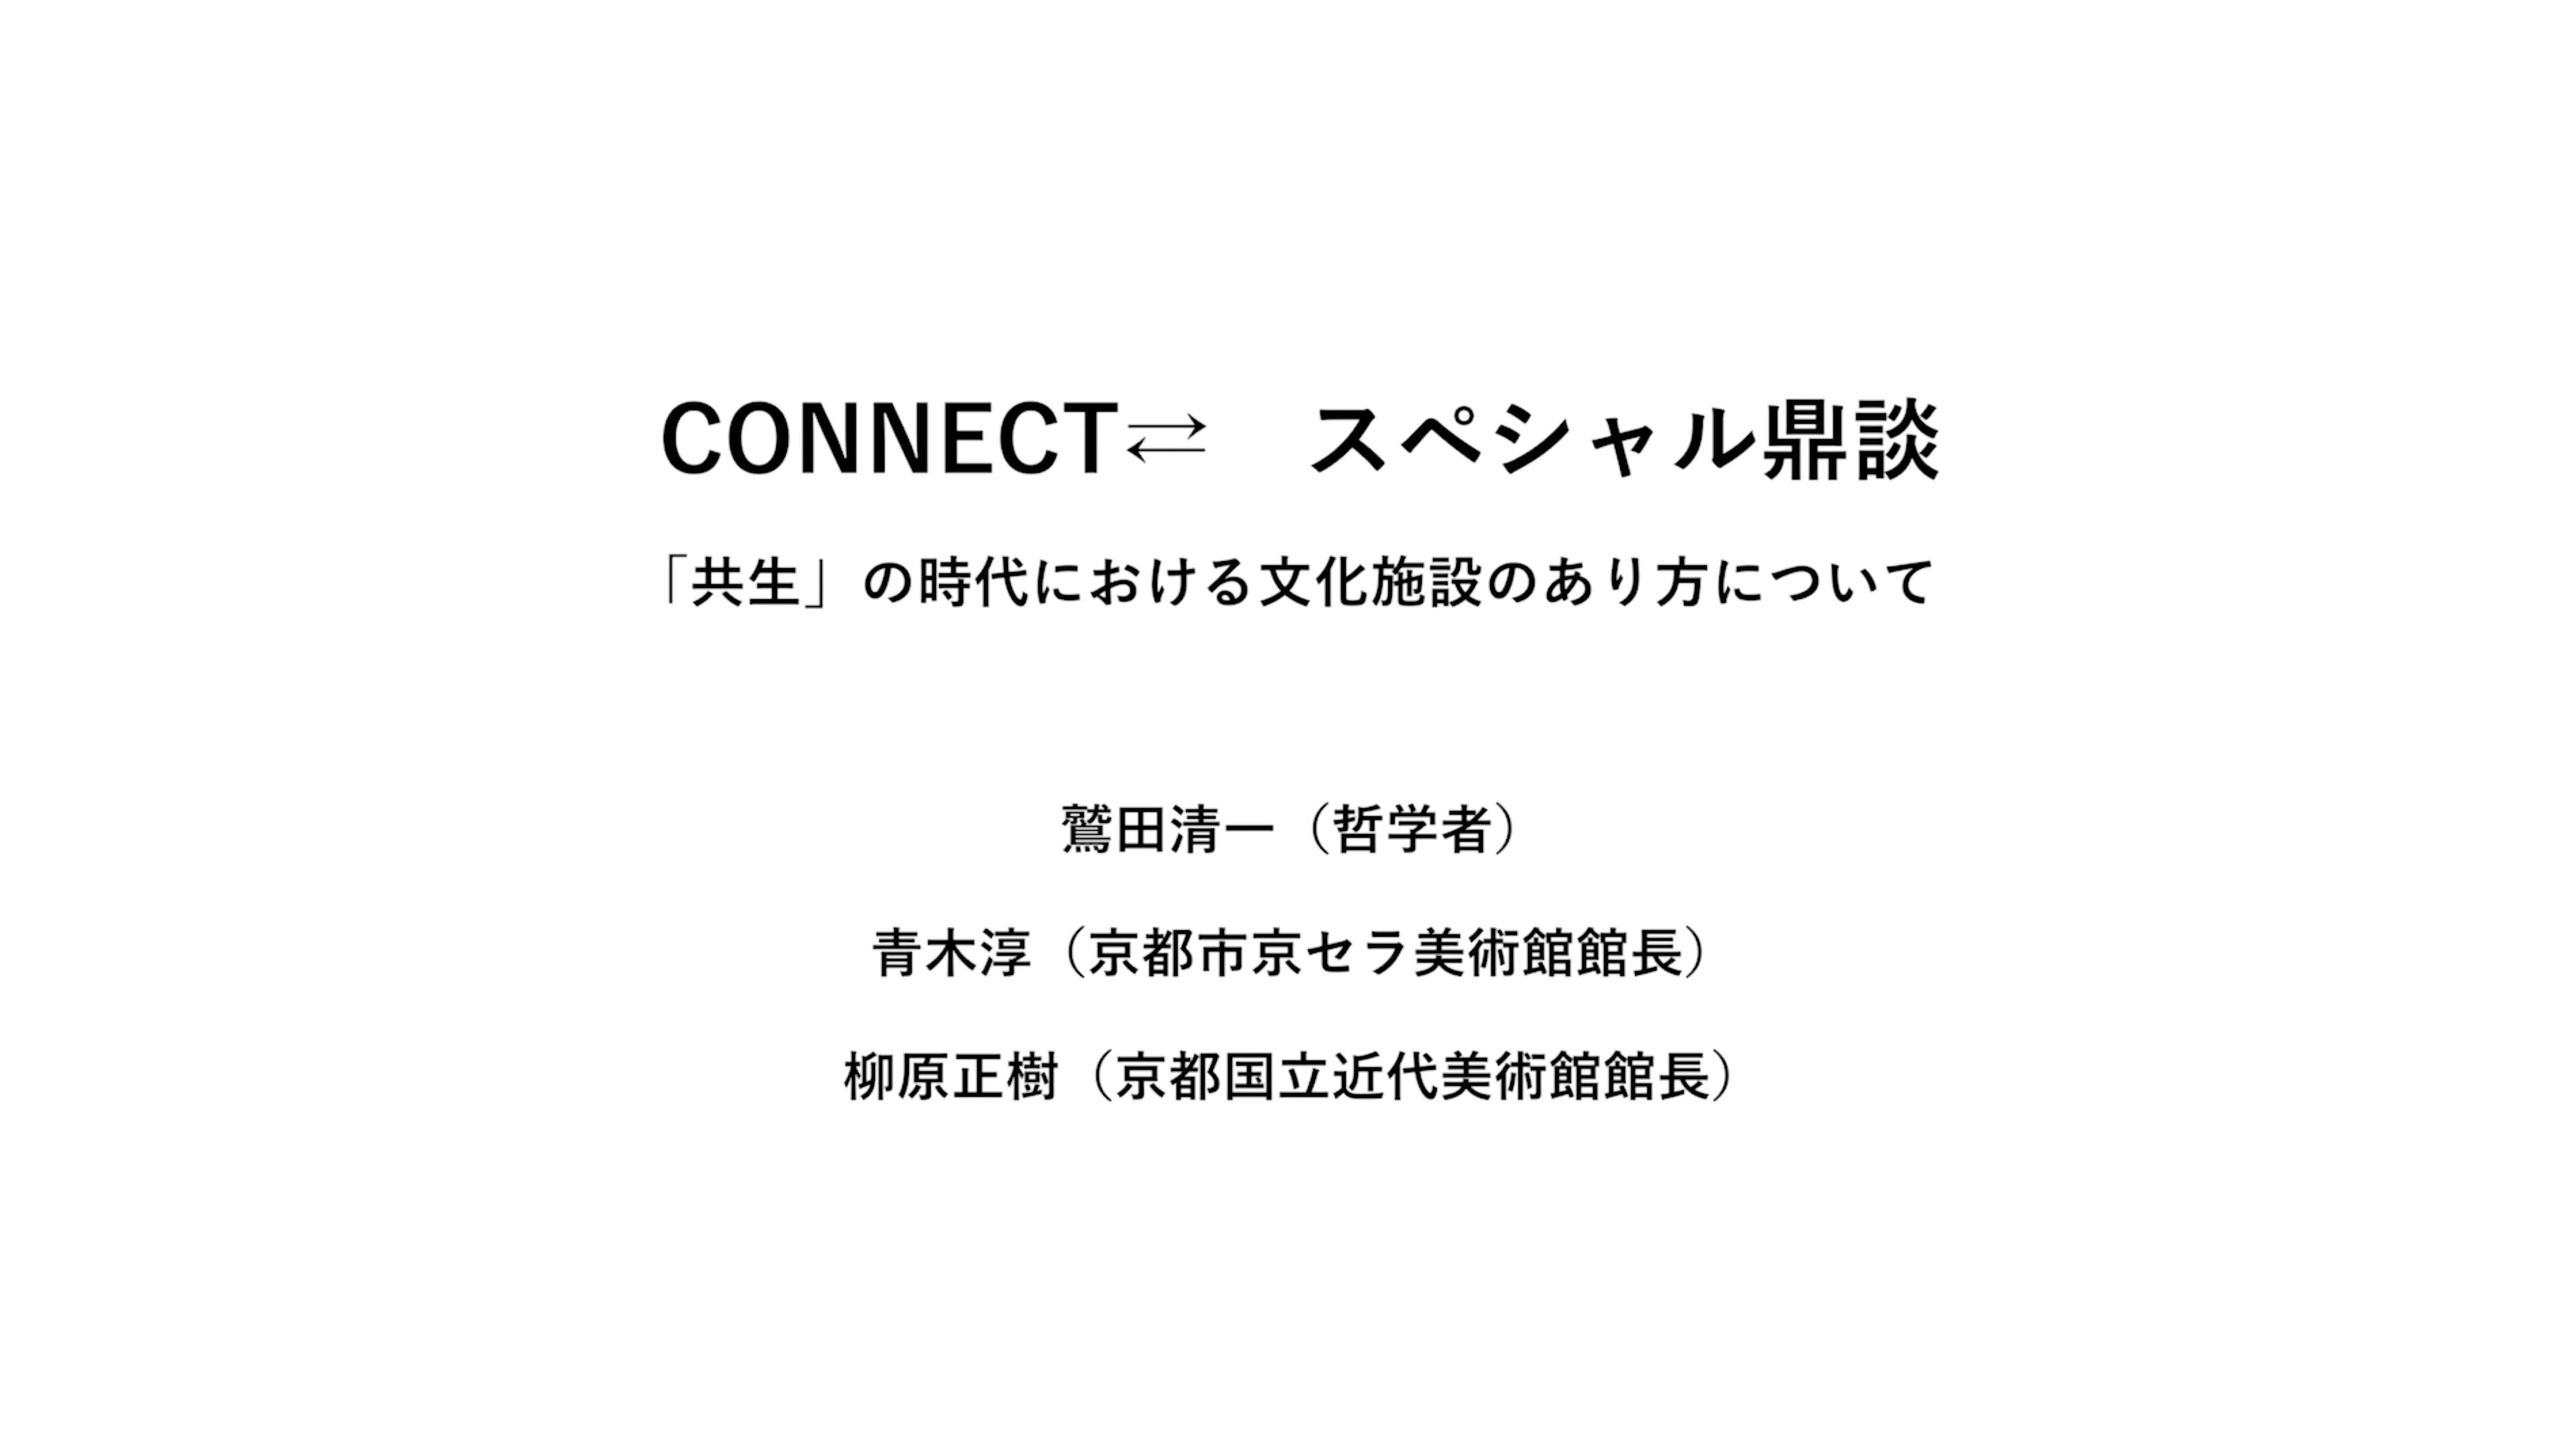 CONNECT⇄ スペシャル鼎談 ~「共生」の時代における文化施設のあり方について~のイメージ画像